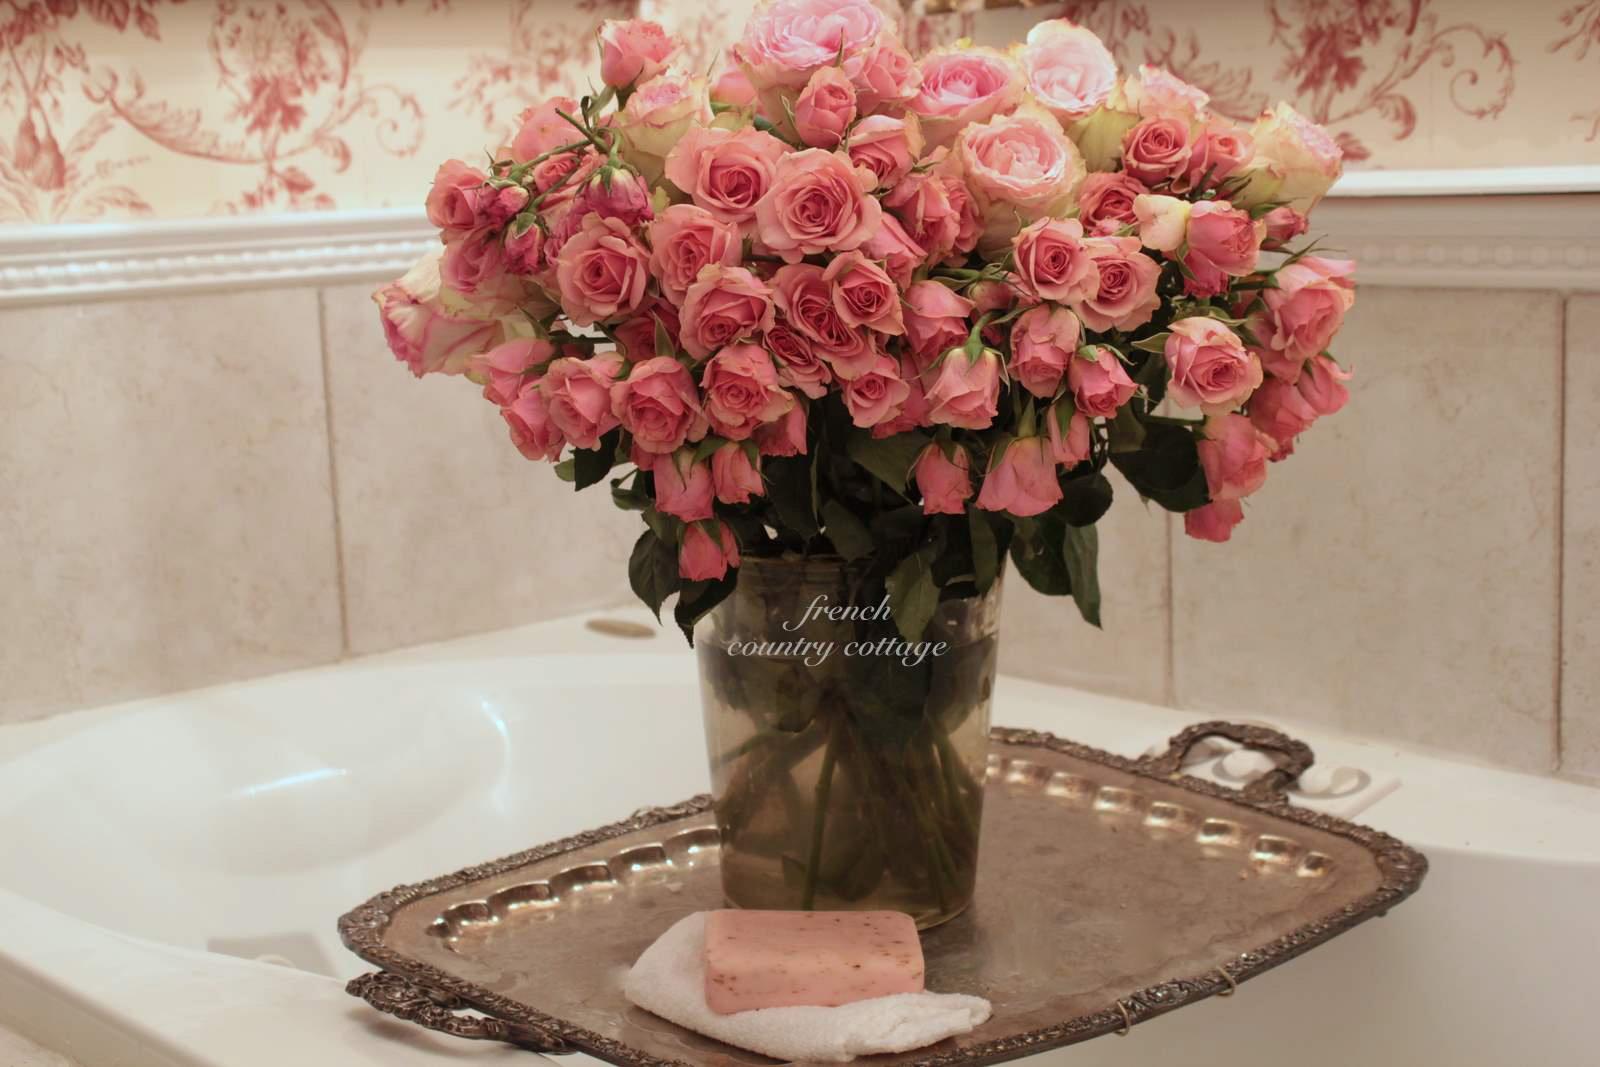 http://2.bp.blogspot.com/-I-7EZBt5vQA/UB3qnov8WsI/AAAAAAAAOmc/ALGjiwfLx4I/s1600/IMG_7018.JPG